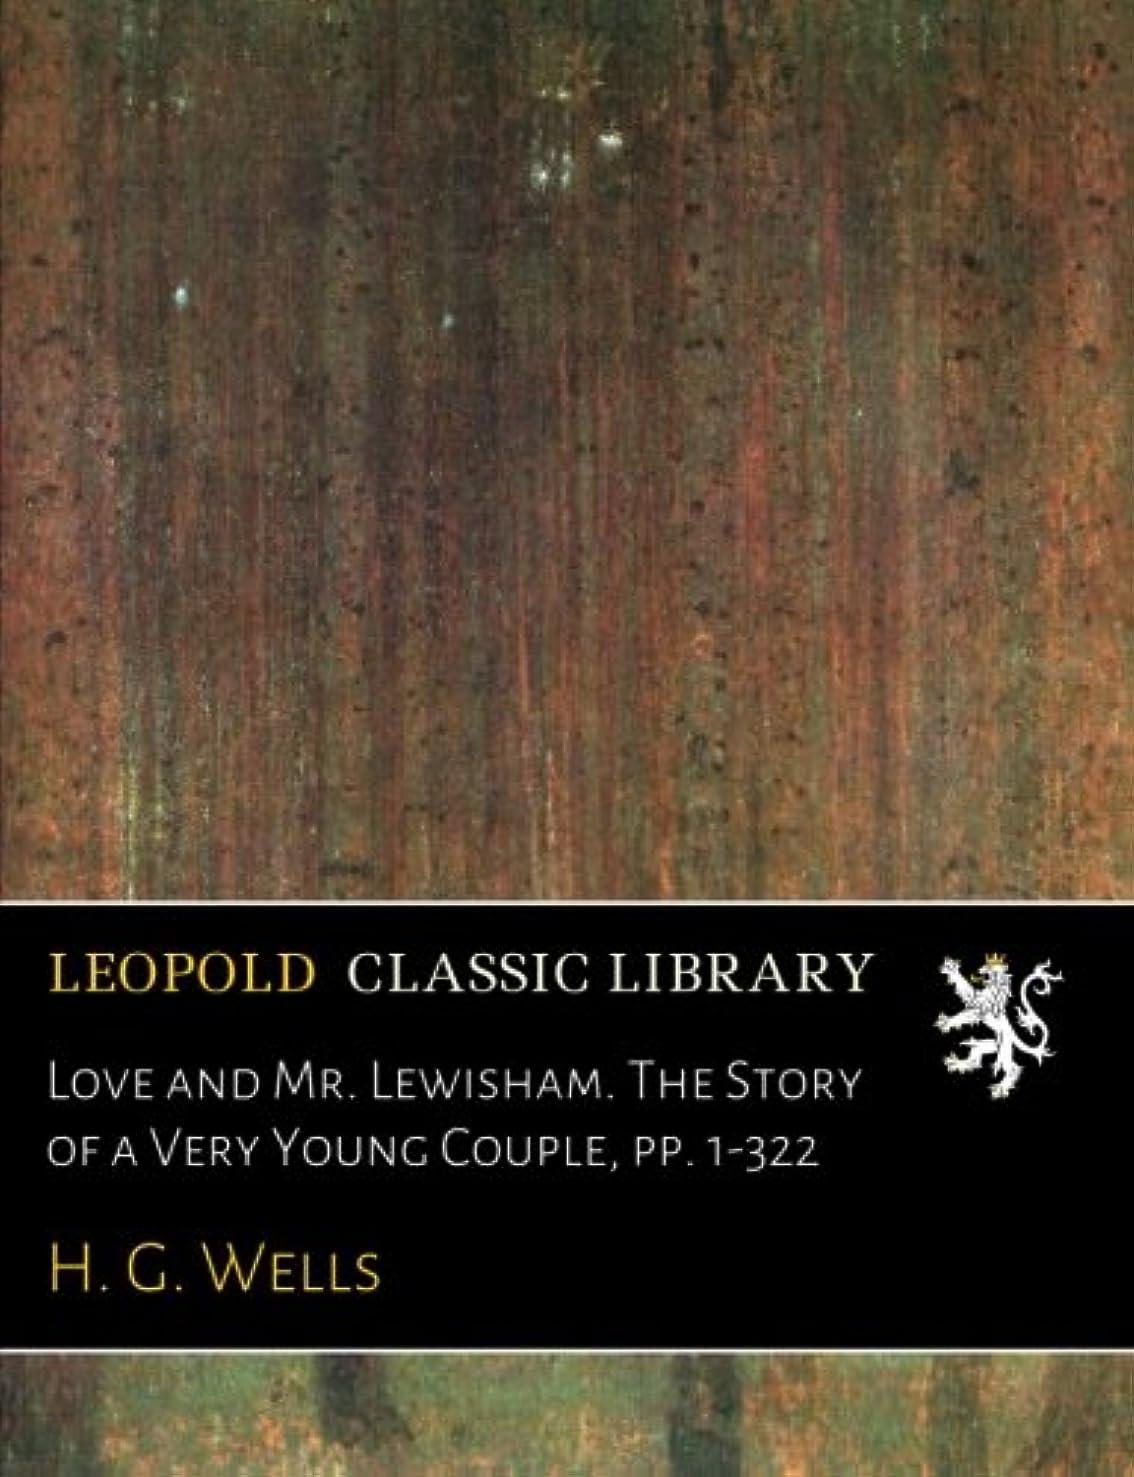 ニンニク抵抗買うLove and Mr. Lewisham. The Story of a Very Young Couple, pp. 1-322